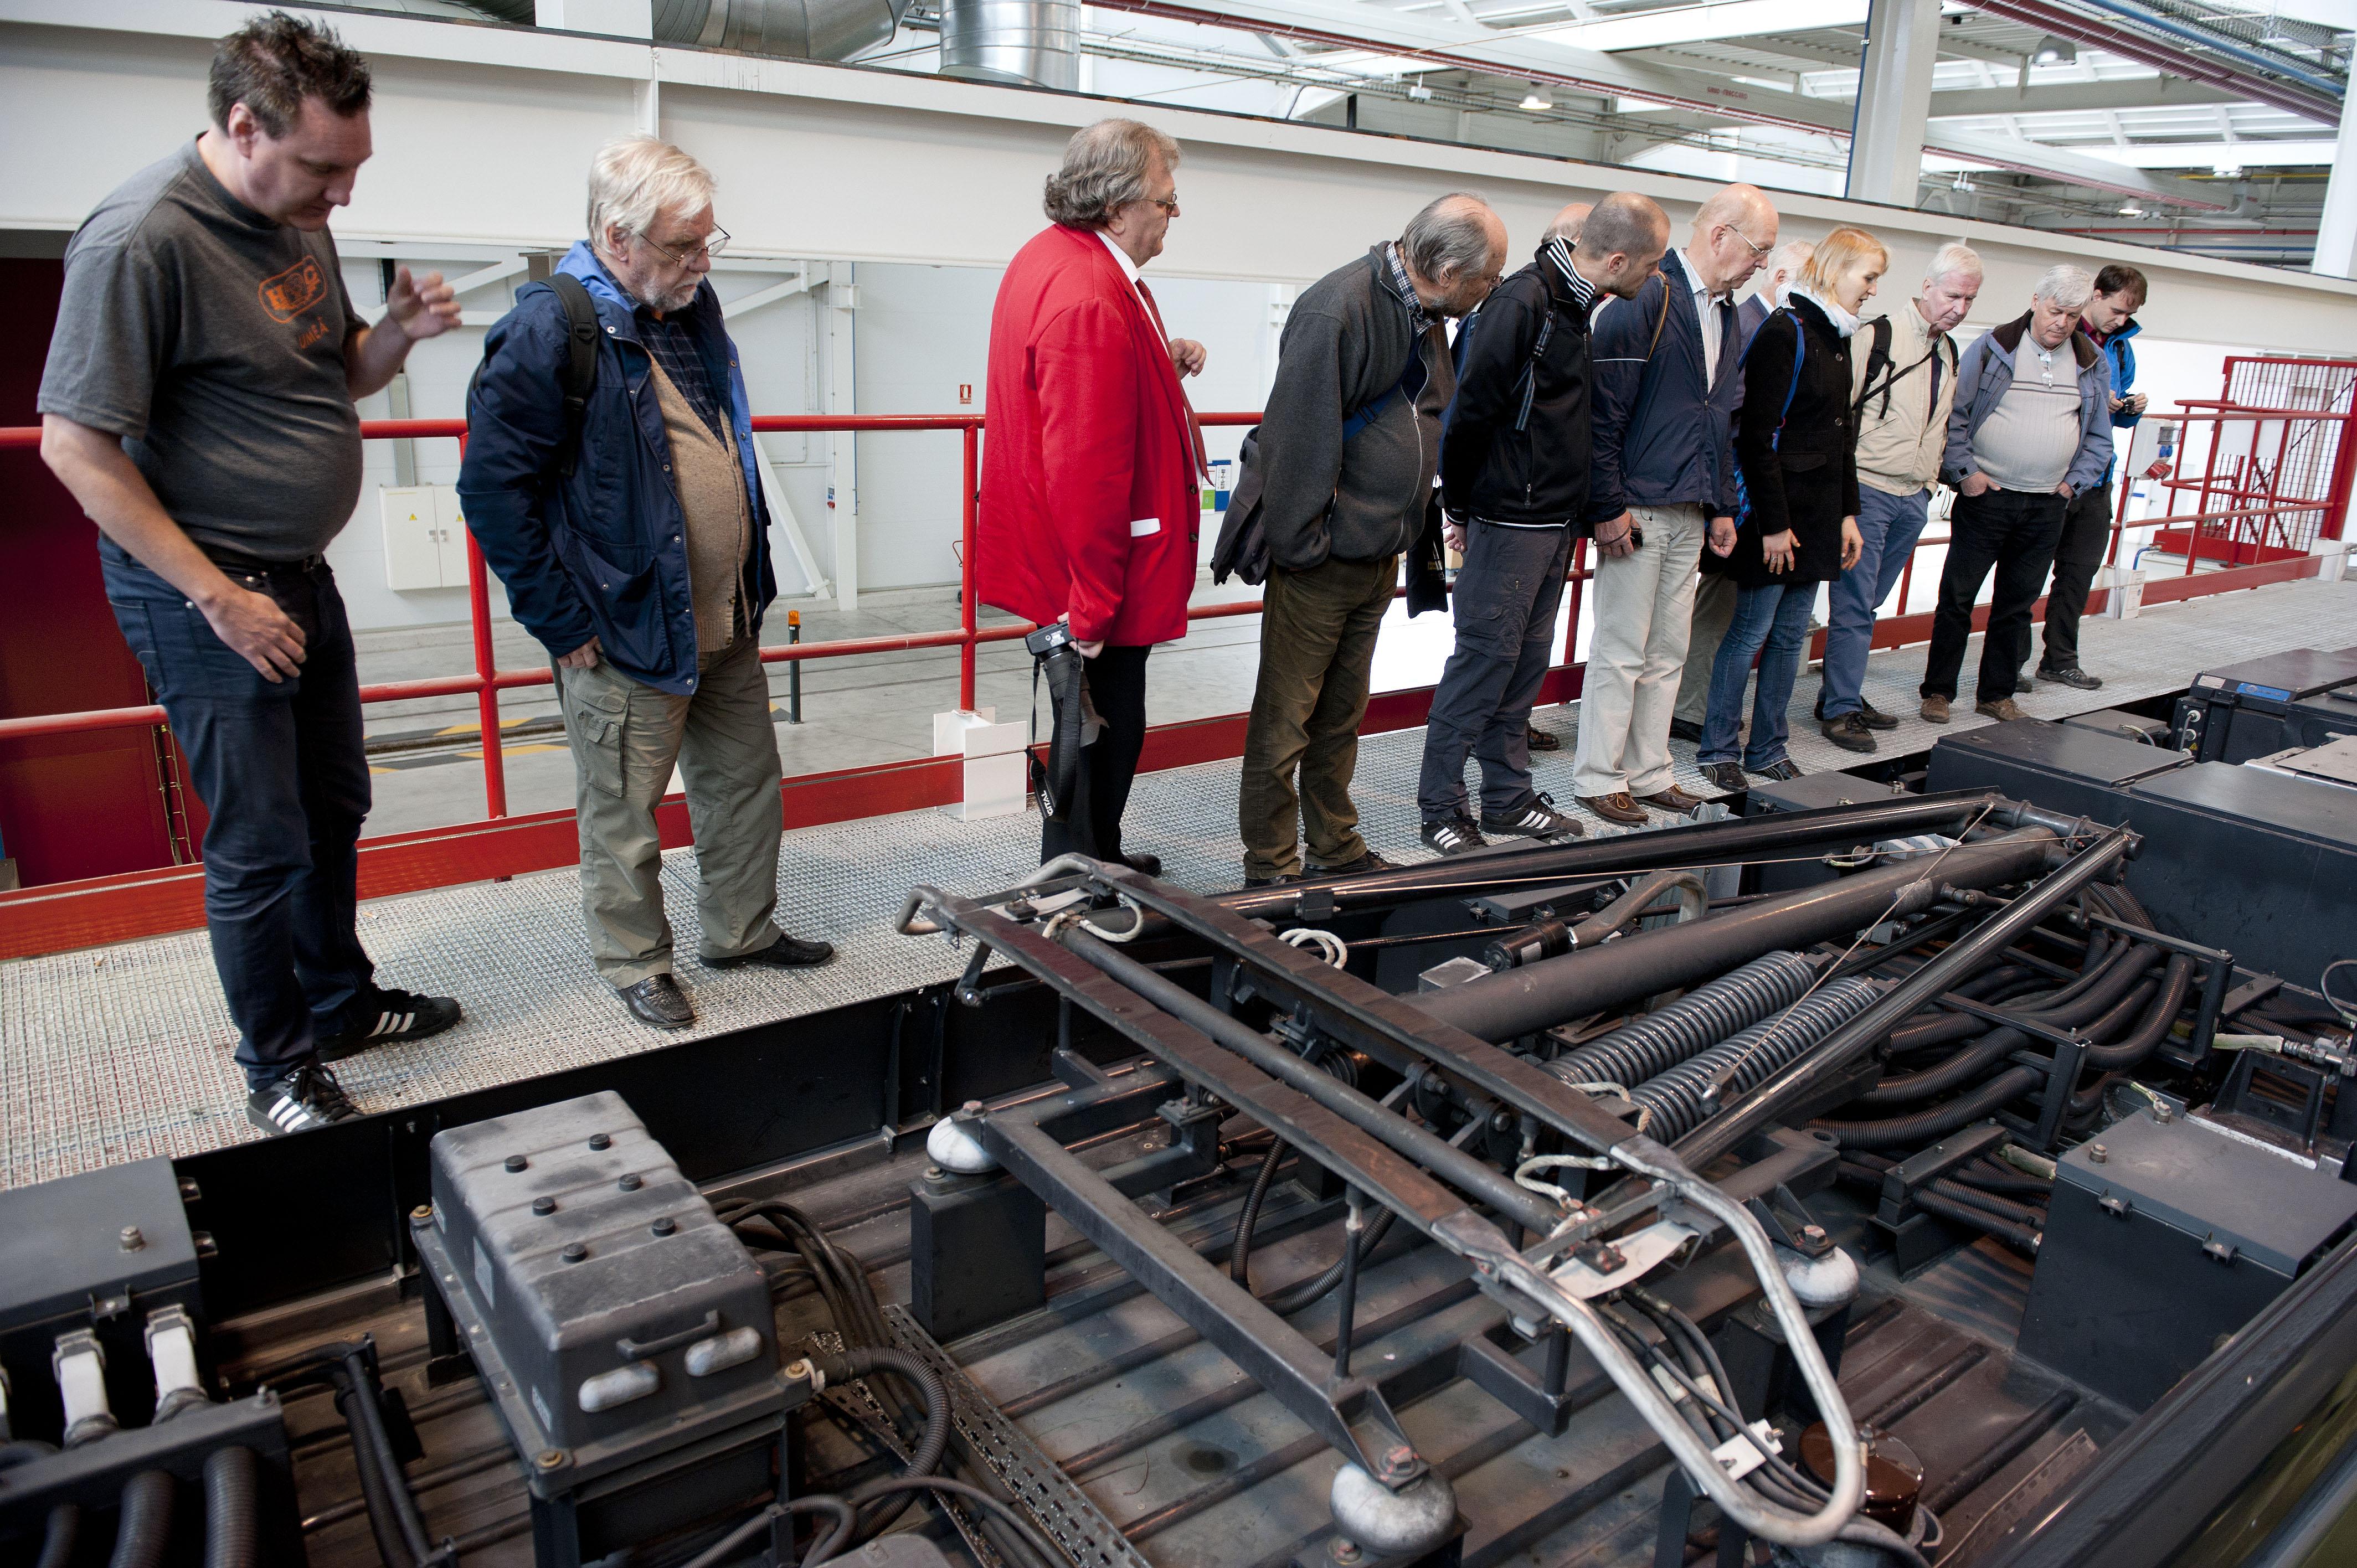 2012_10_01_visita_suecos_tranvia_08.jpg